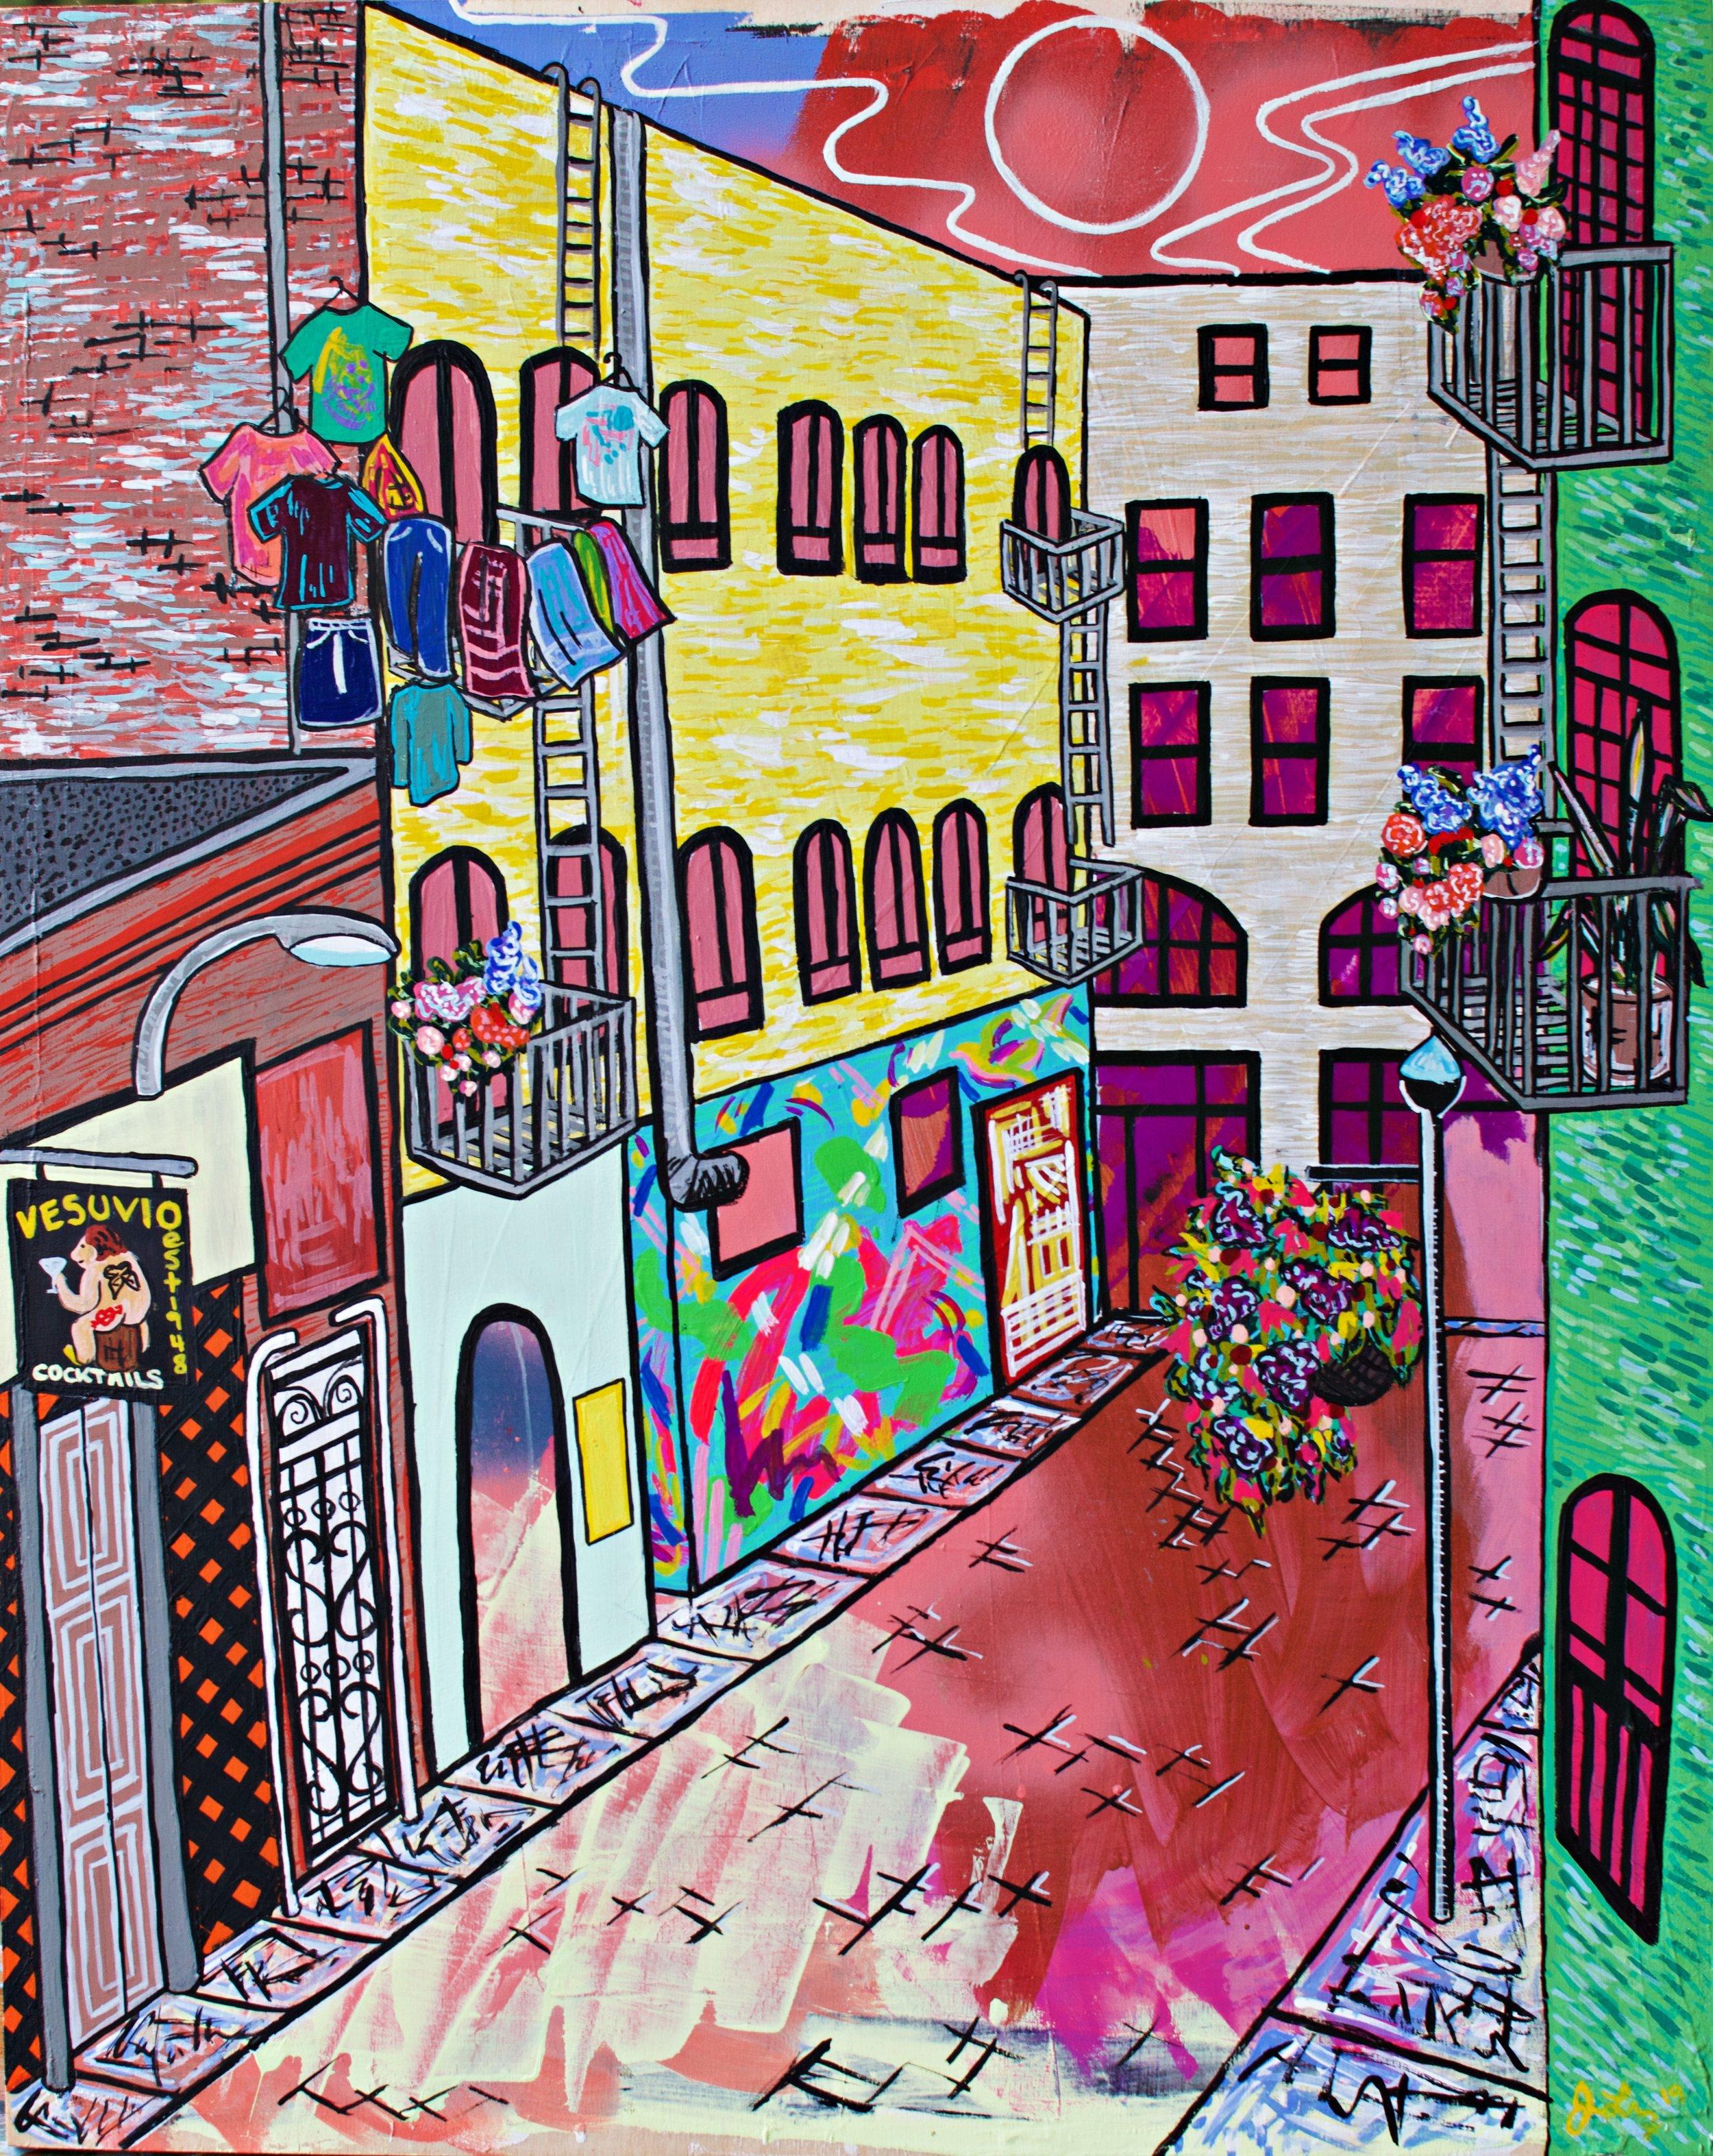 Jack Kerouac Alley, San Francisco